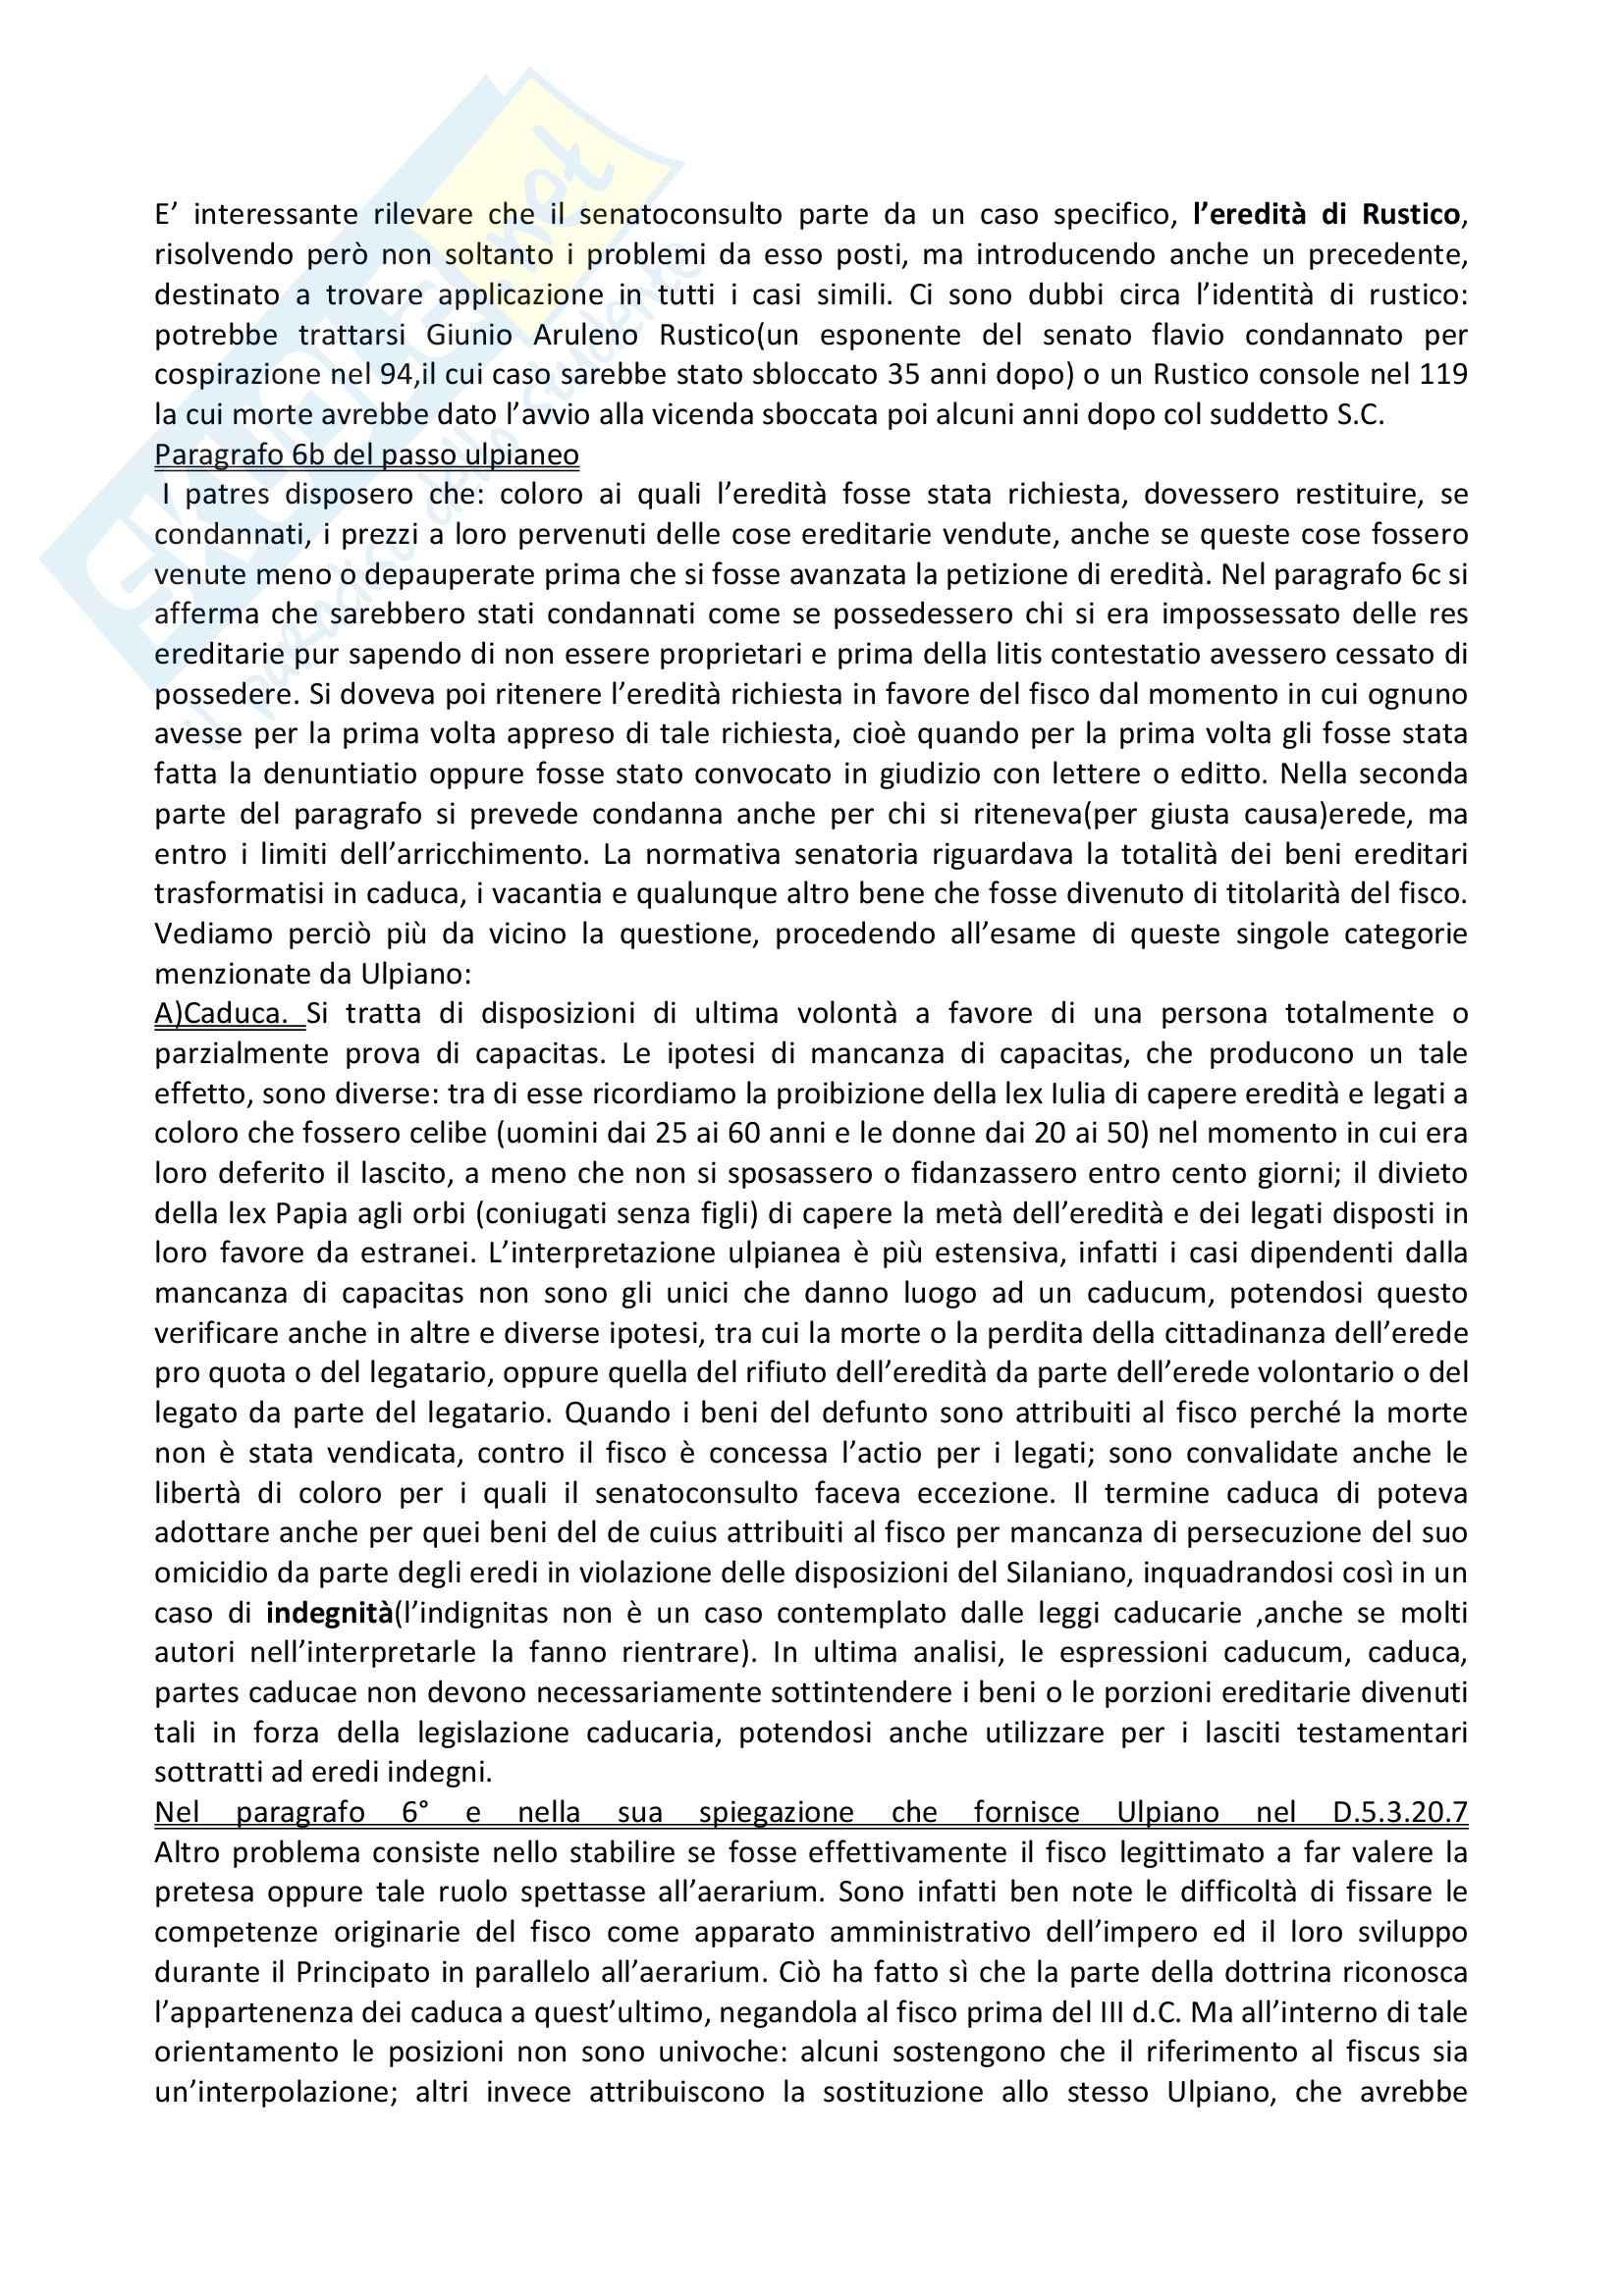 Diritto romano - il Senatoconsulto giuvenziano - Appunti Pag. 2